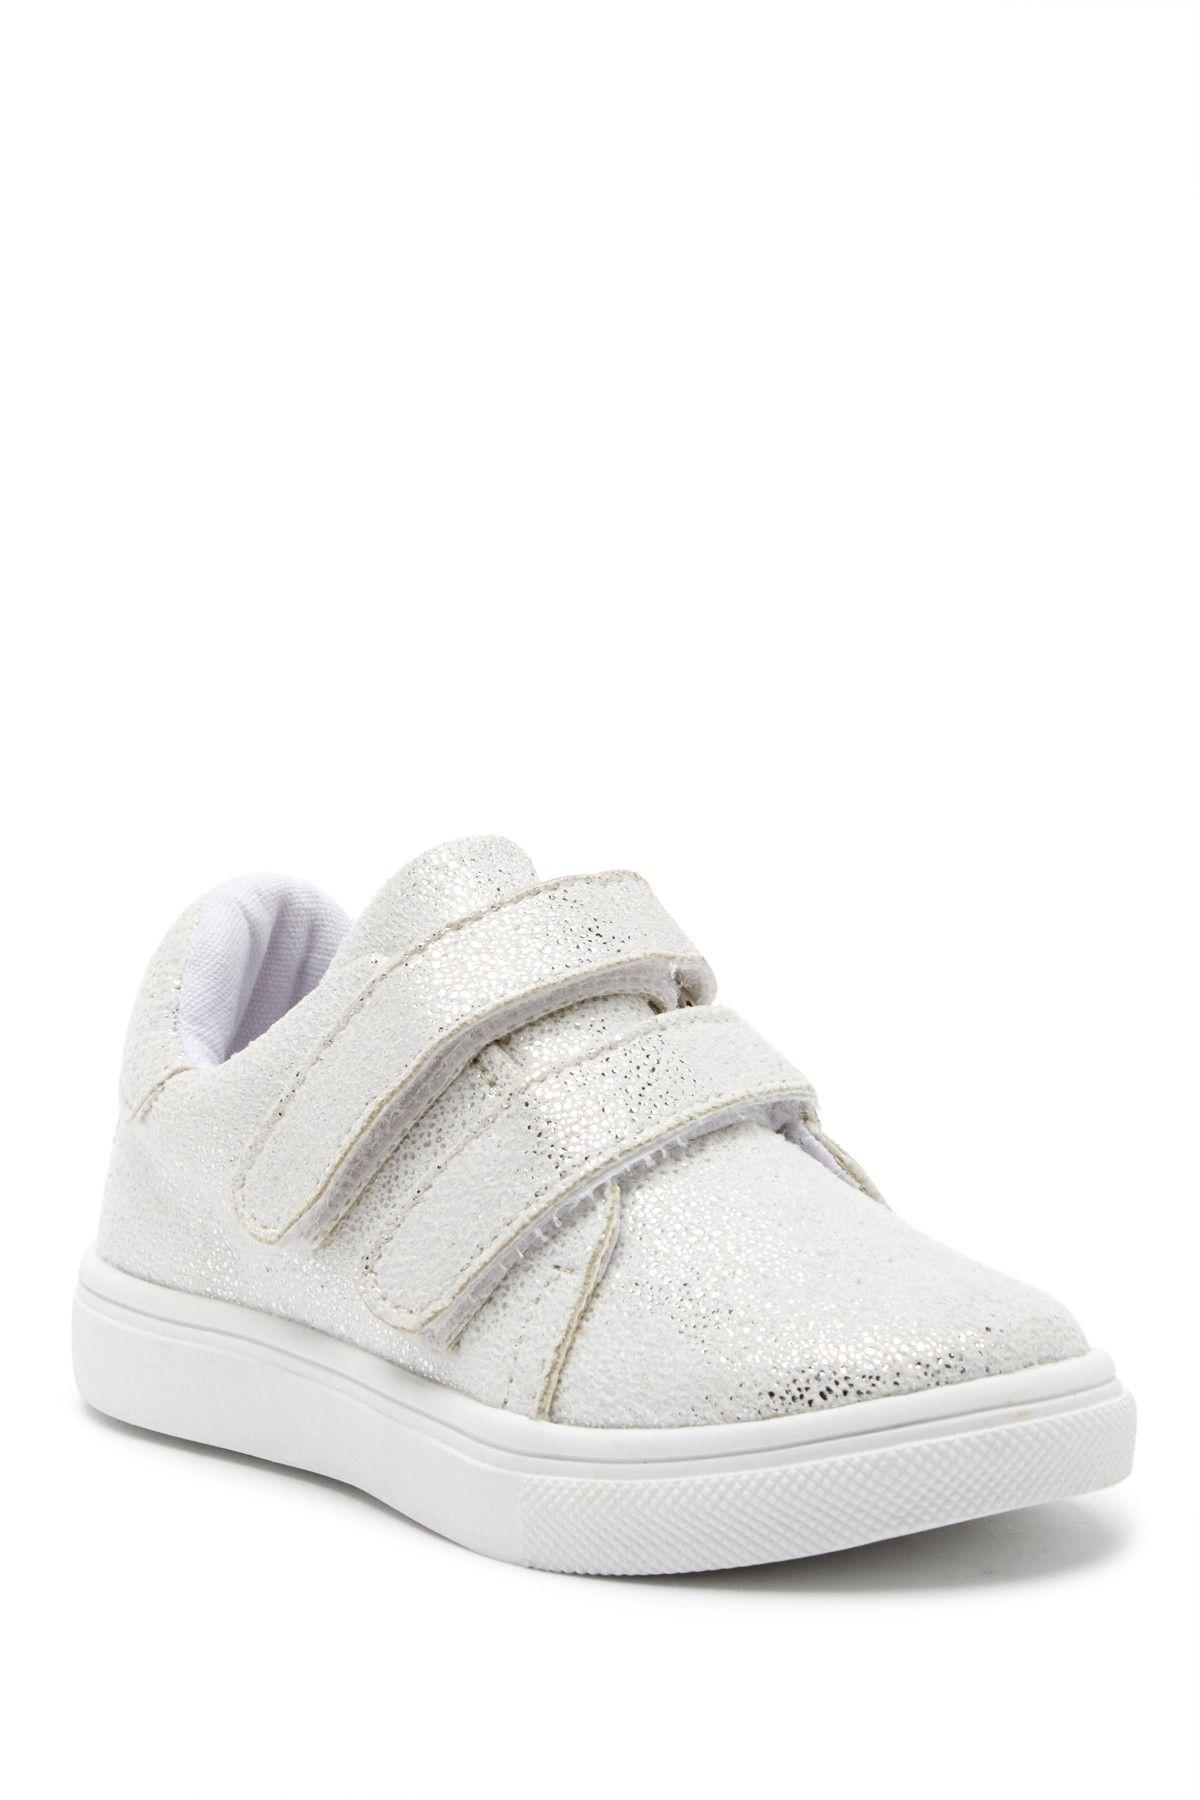 4cfebf96a6d6 Foil Dot Sneaker (Toddler) Nicole Miller